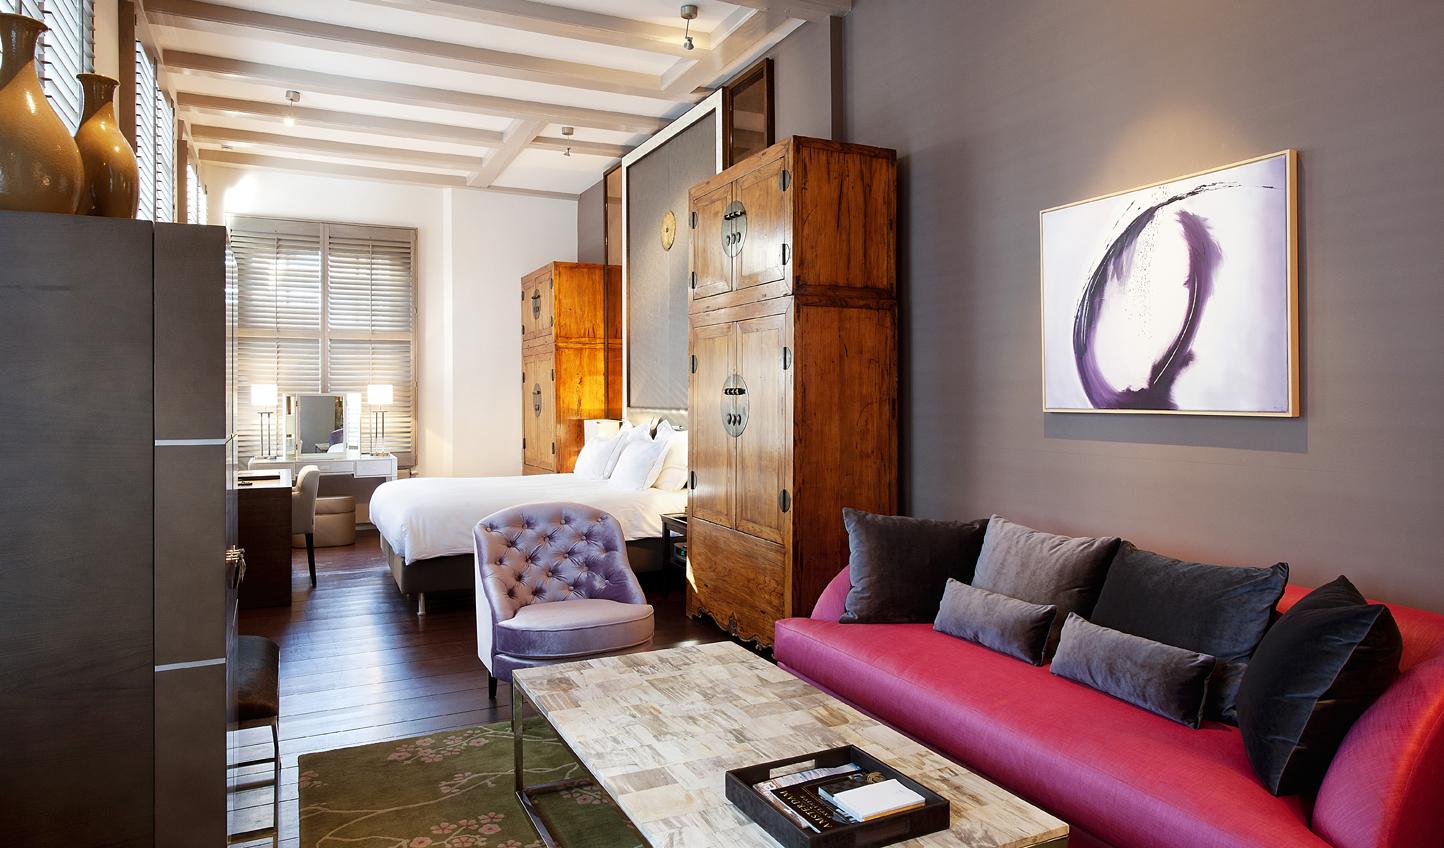 Unique decor in every room